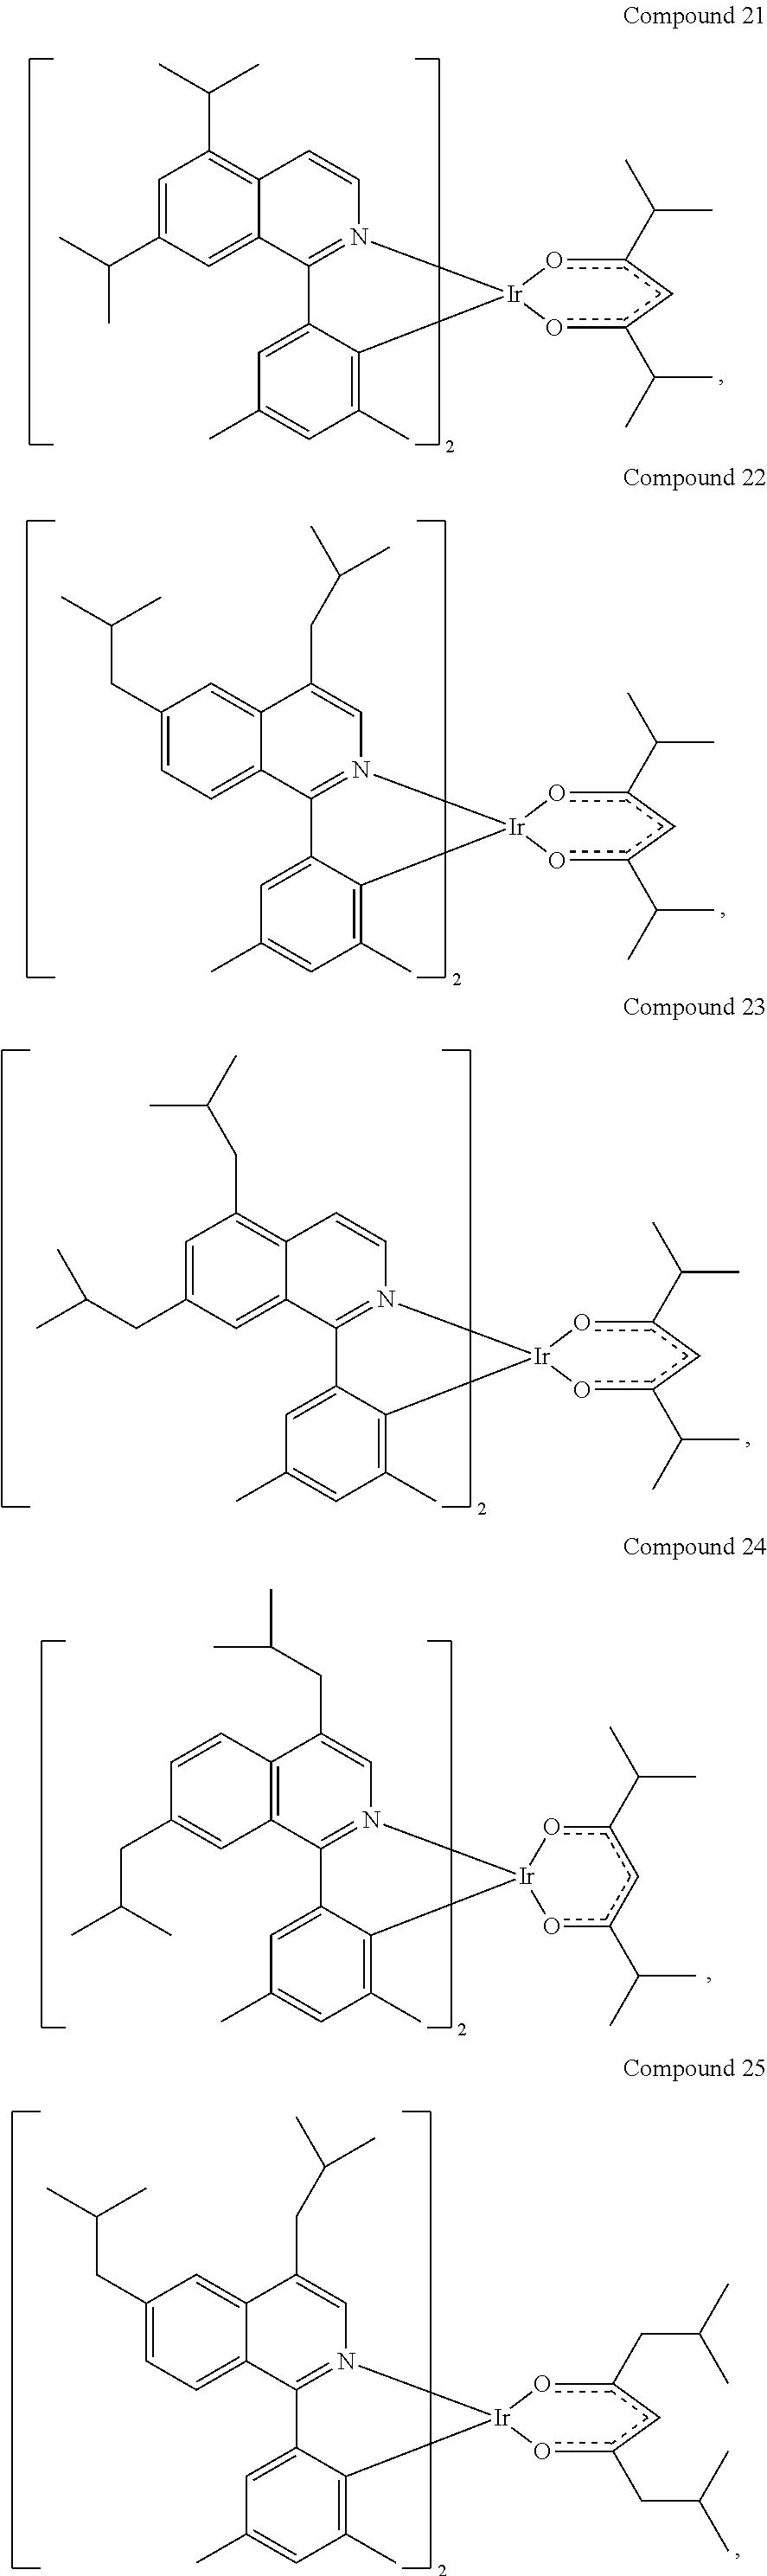 Figure US09512355-20161206-C00018